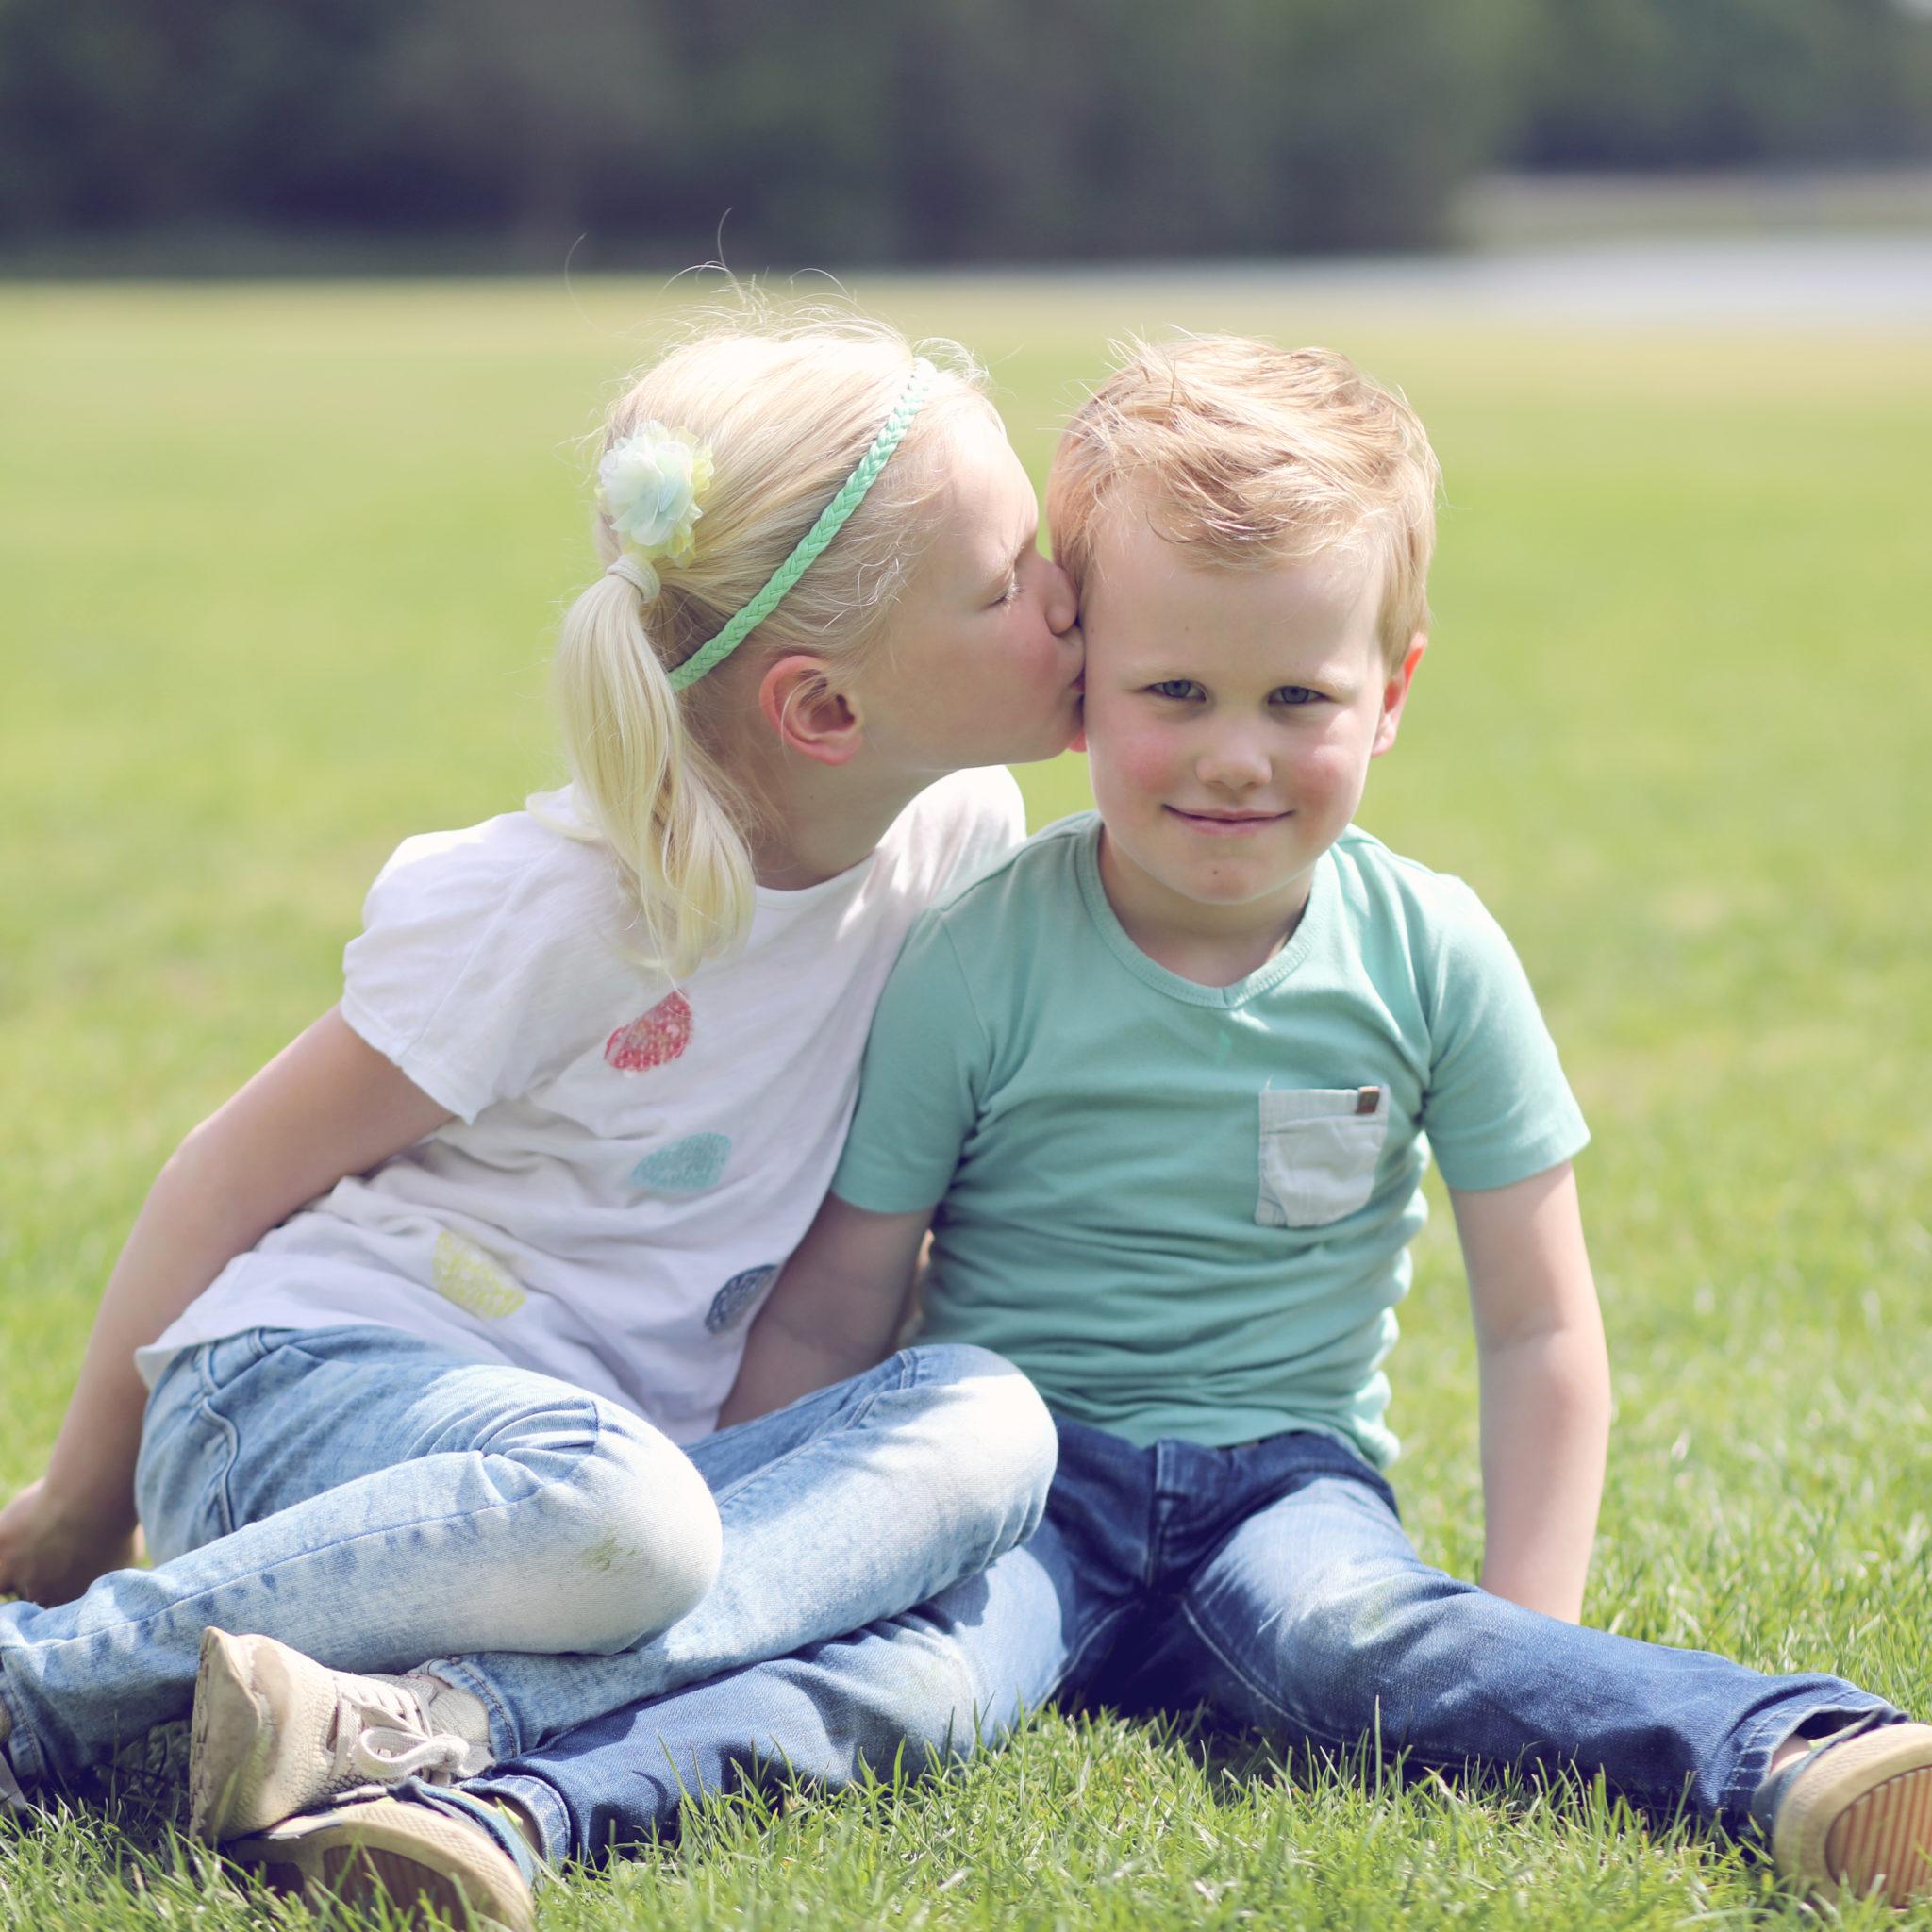 Familie - Kids - Kinderfotografie - Spontaan - Buiten - Lifestyle - Actie - Shoot - Reportage - Suus' FotoSjop - Oldenzaal - Kwaliteit - Twente - Hengelo - Enschede - HaaksbergenFamilie - Kids - Kinderfotografie - Spontaan - Buiten - Lifestyle - Actie - Shoot - Reportage - Suus' FotoSjop - Oldenzaal - Kwaliteit - Twente - Hengelo - Enschede - Haaksbergen